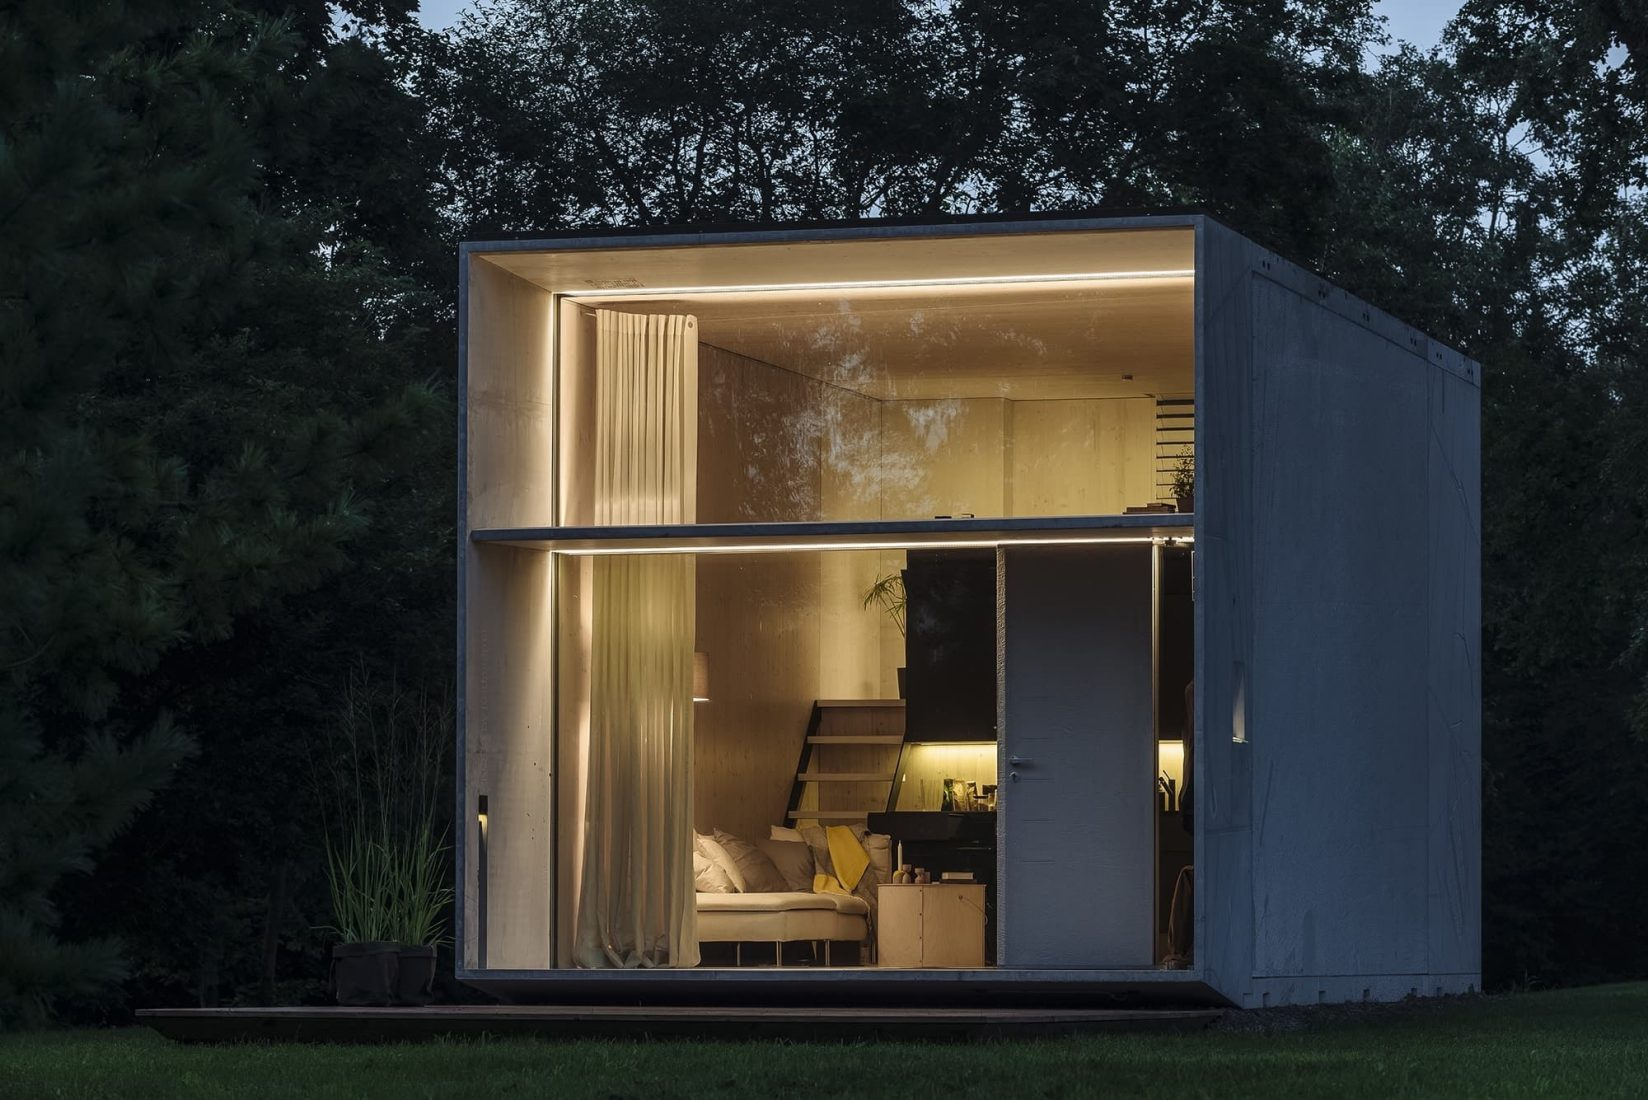 Mikrohaus aus Estland: Dieser 25,8 Quadratmeter große Modulbau wurde vom Architekturbüro Kodasema entworfen. Foto: Kodasema